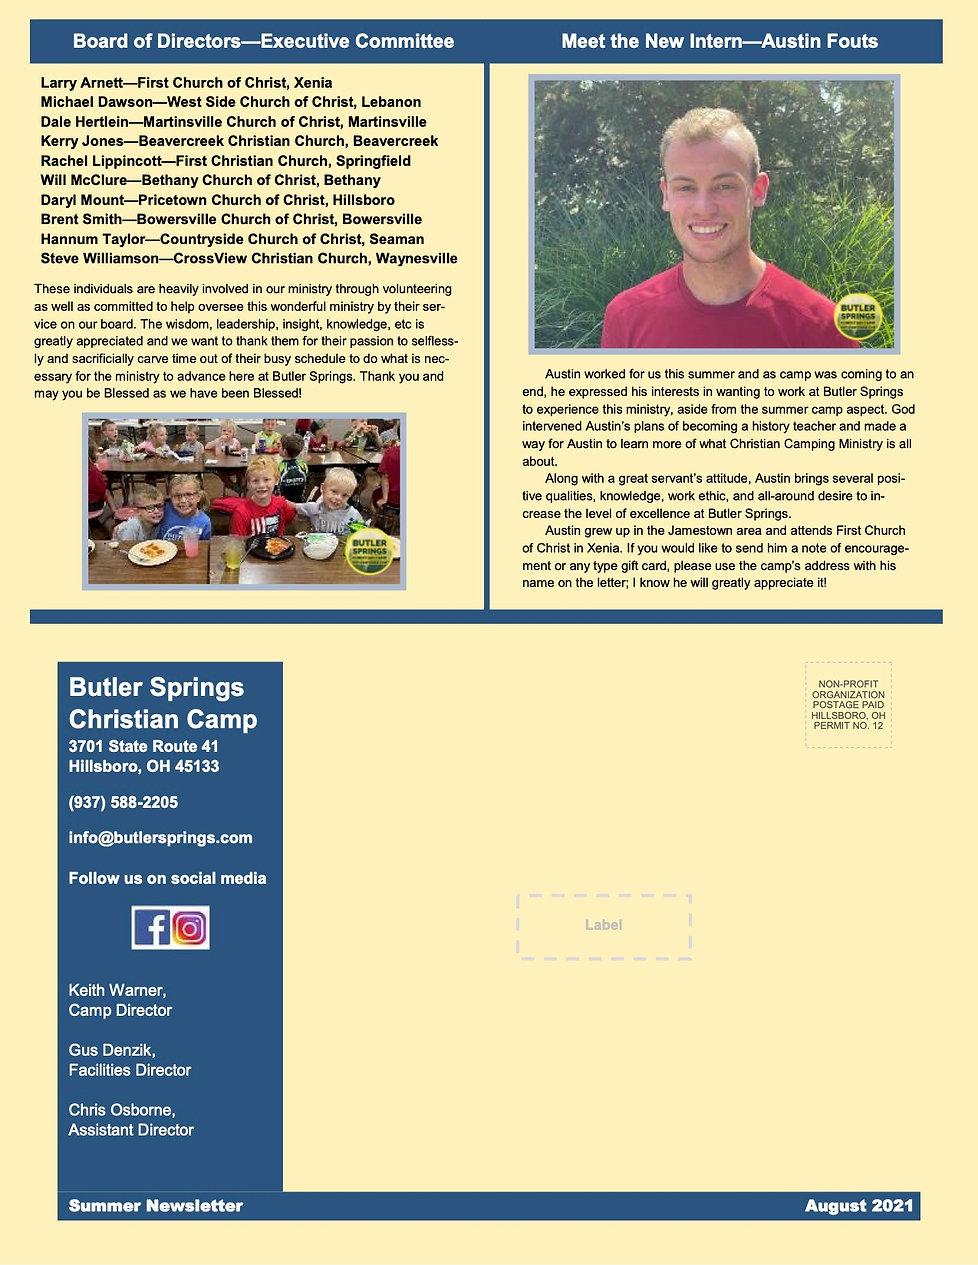 Newsletter 4.jpg